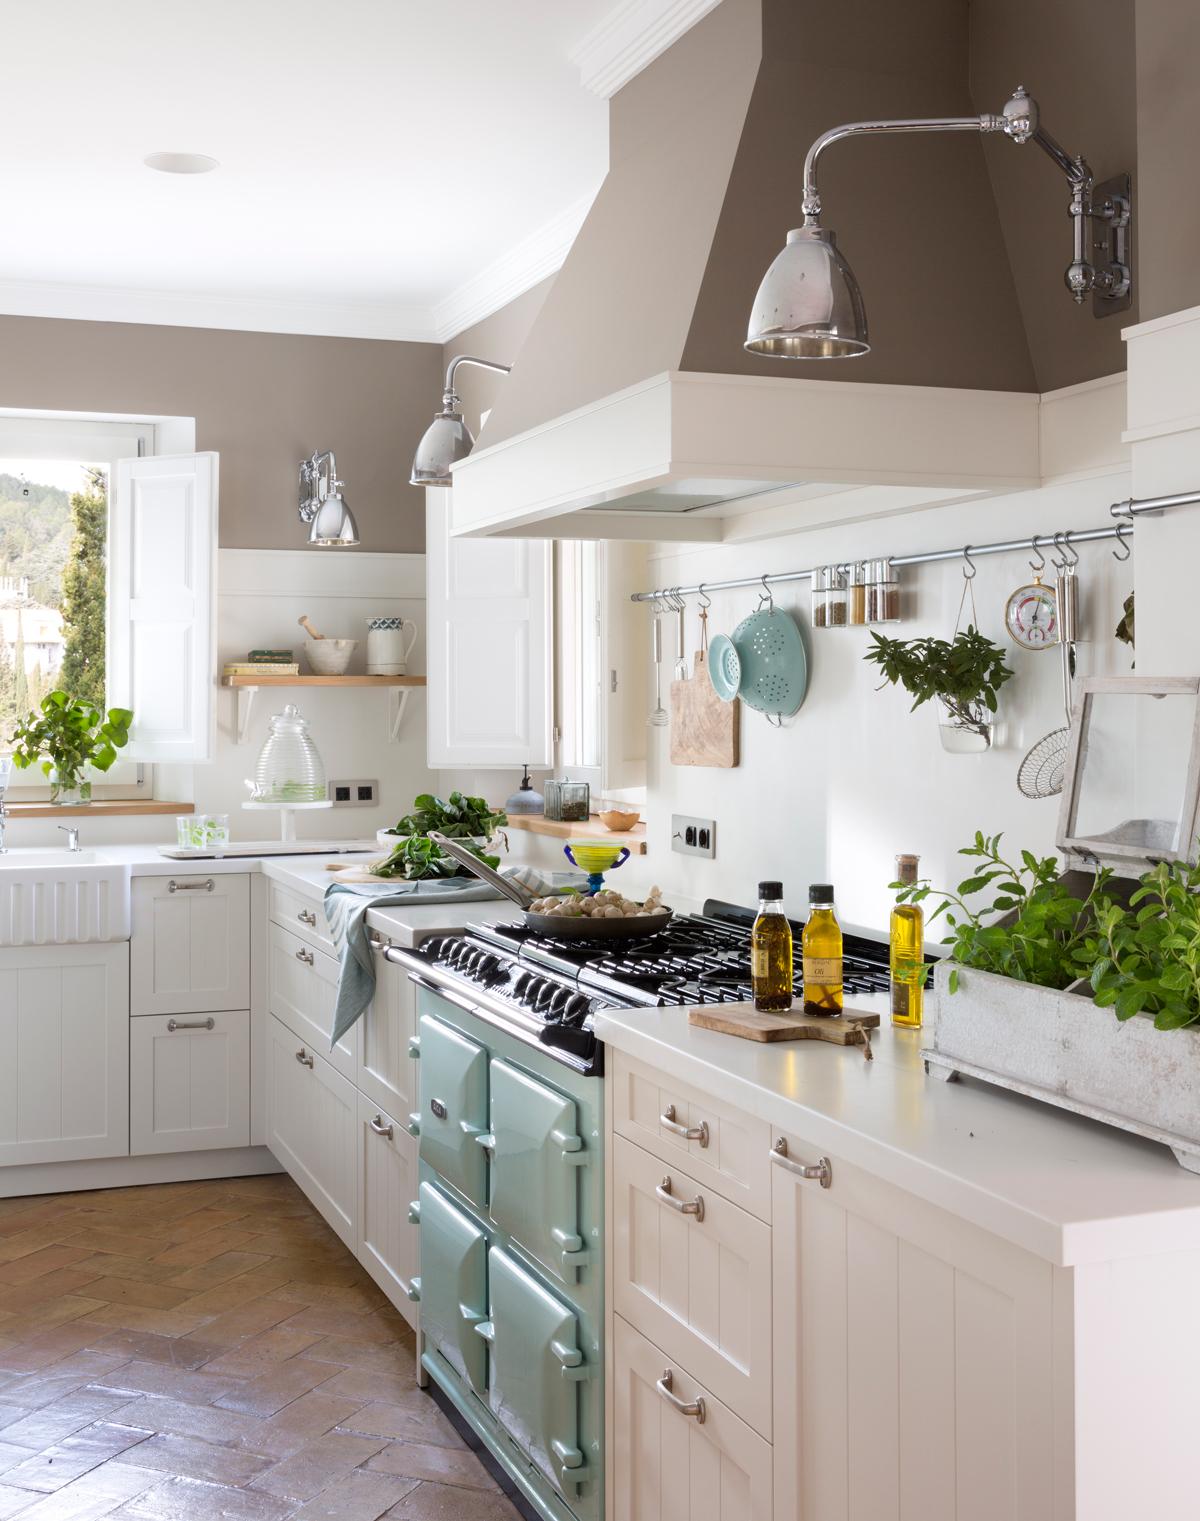 Dale color a tu cocina blanca - Cocina rustica blanca ...